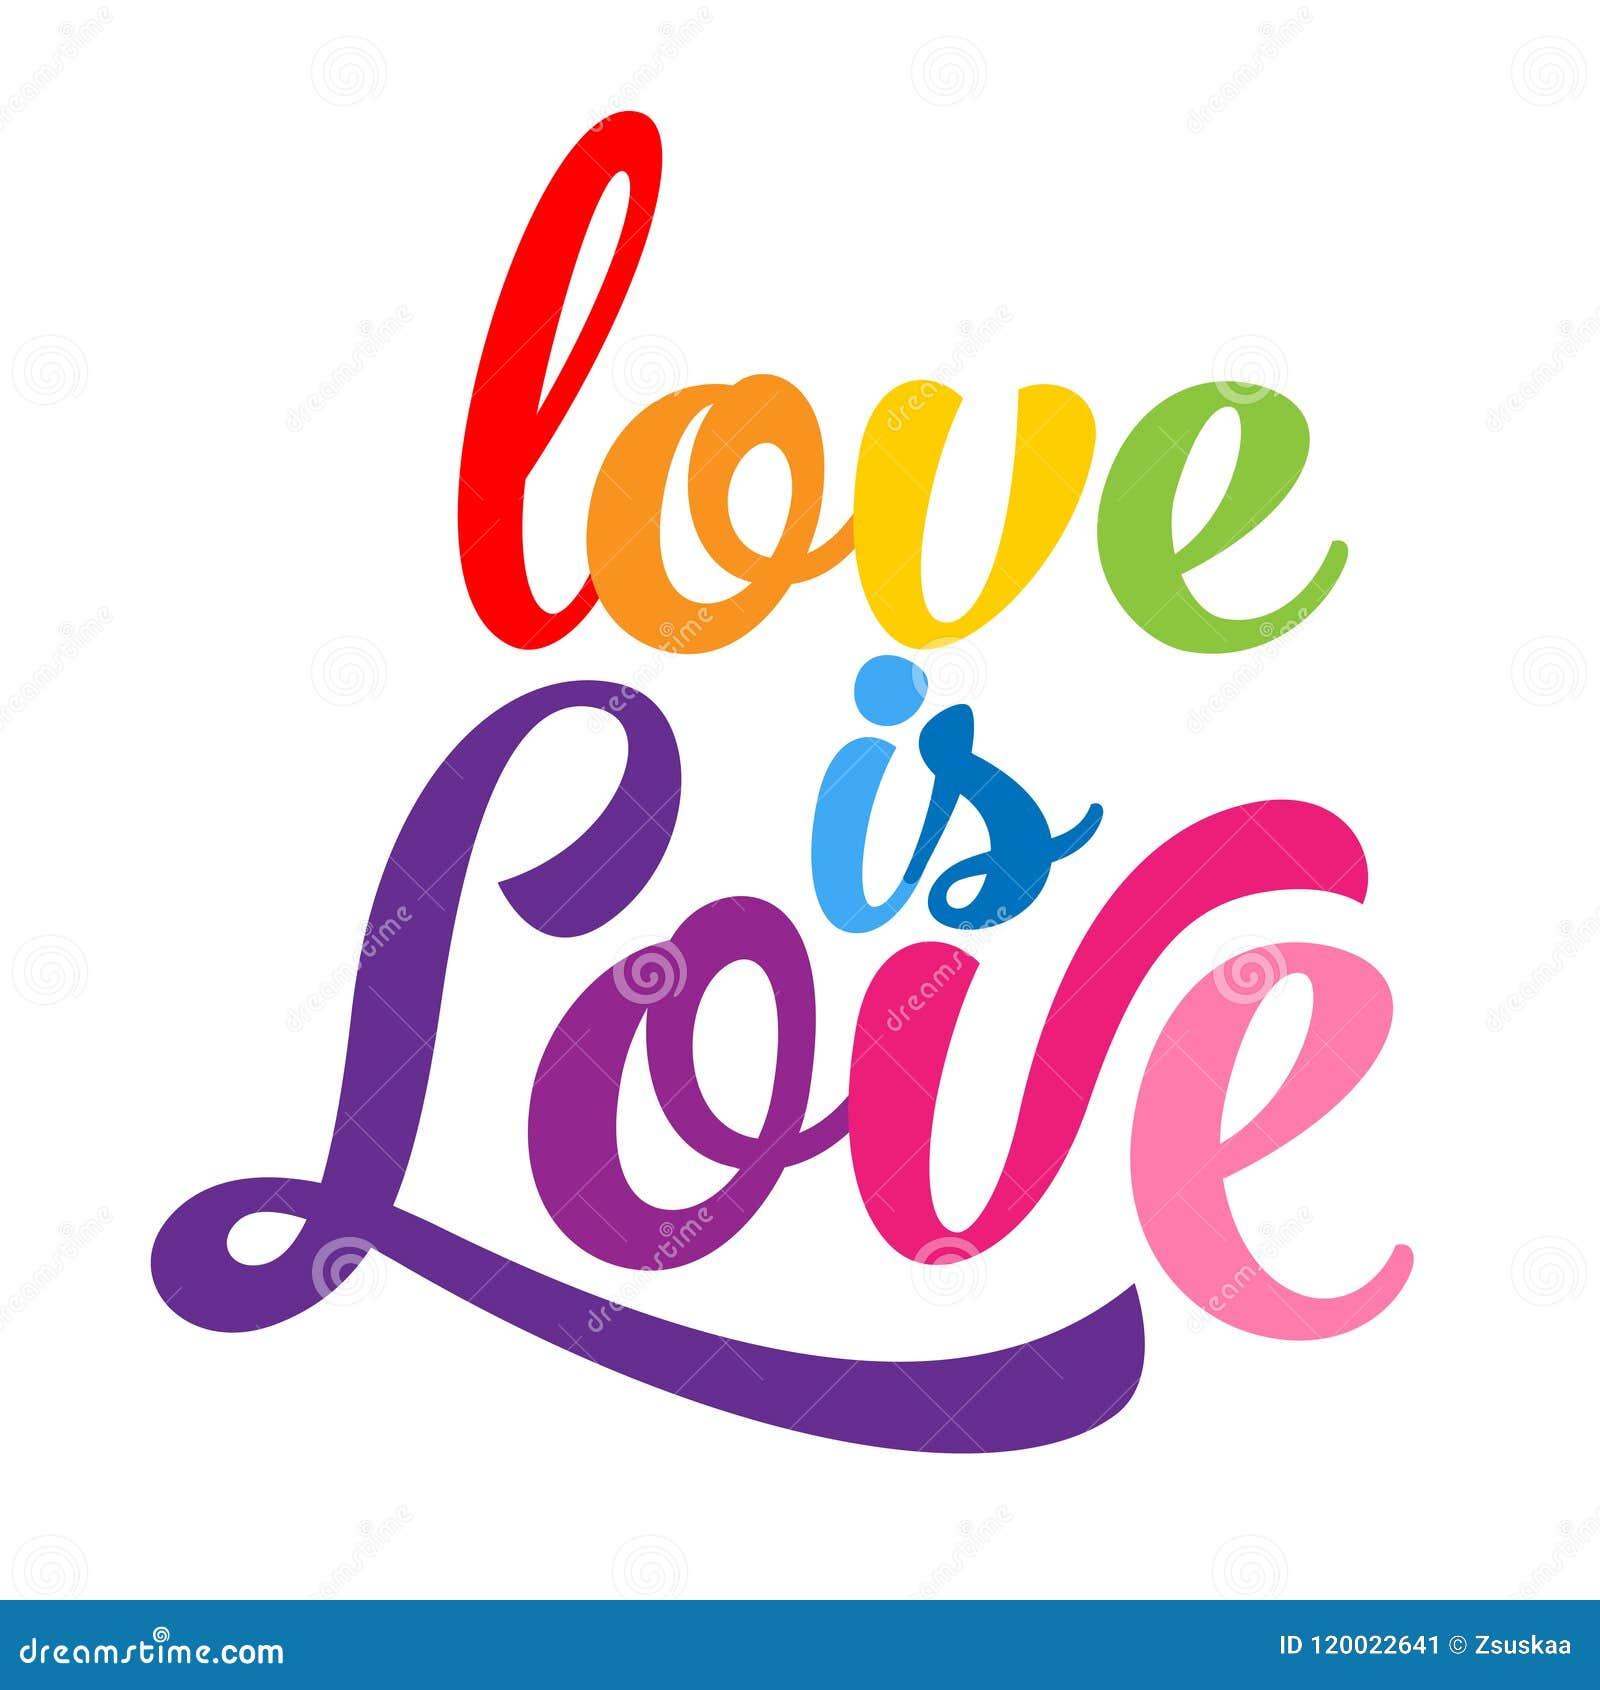 爱是爱- LGBT自豪感口号